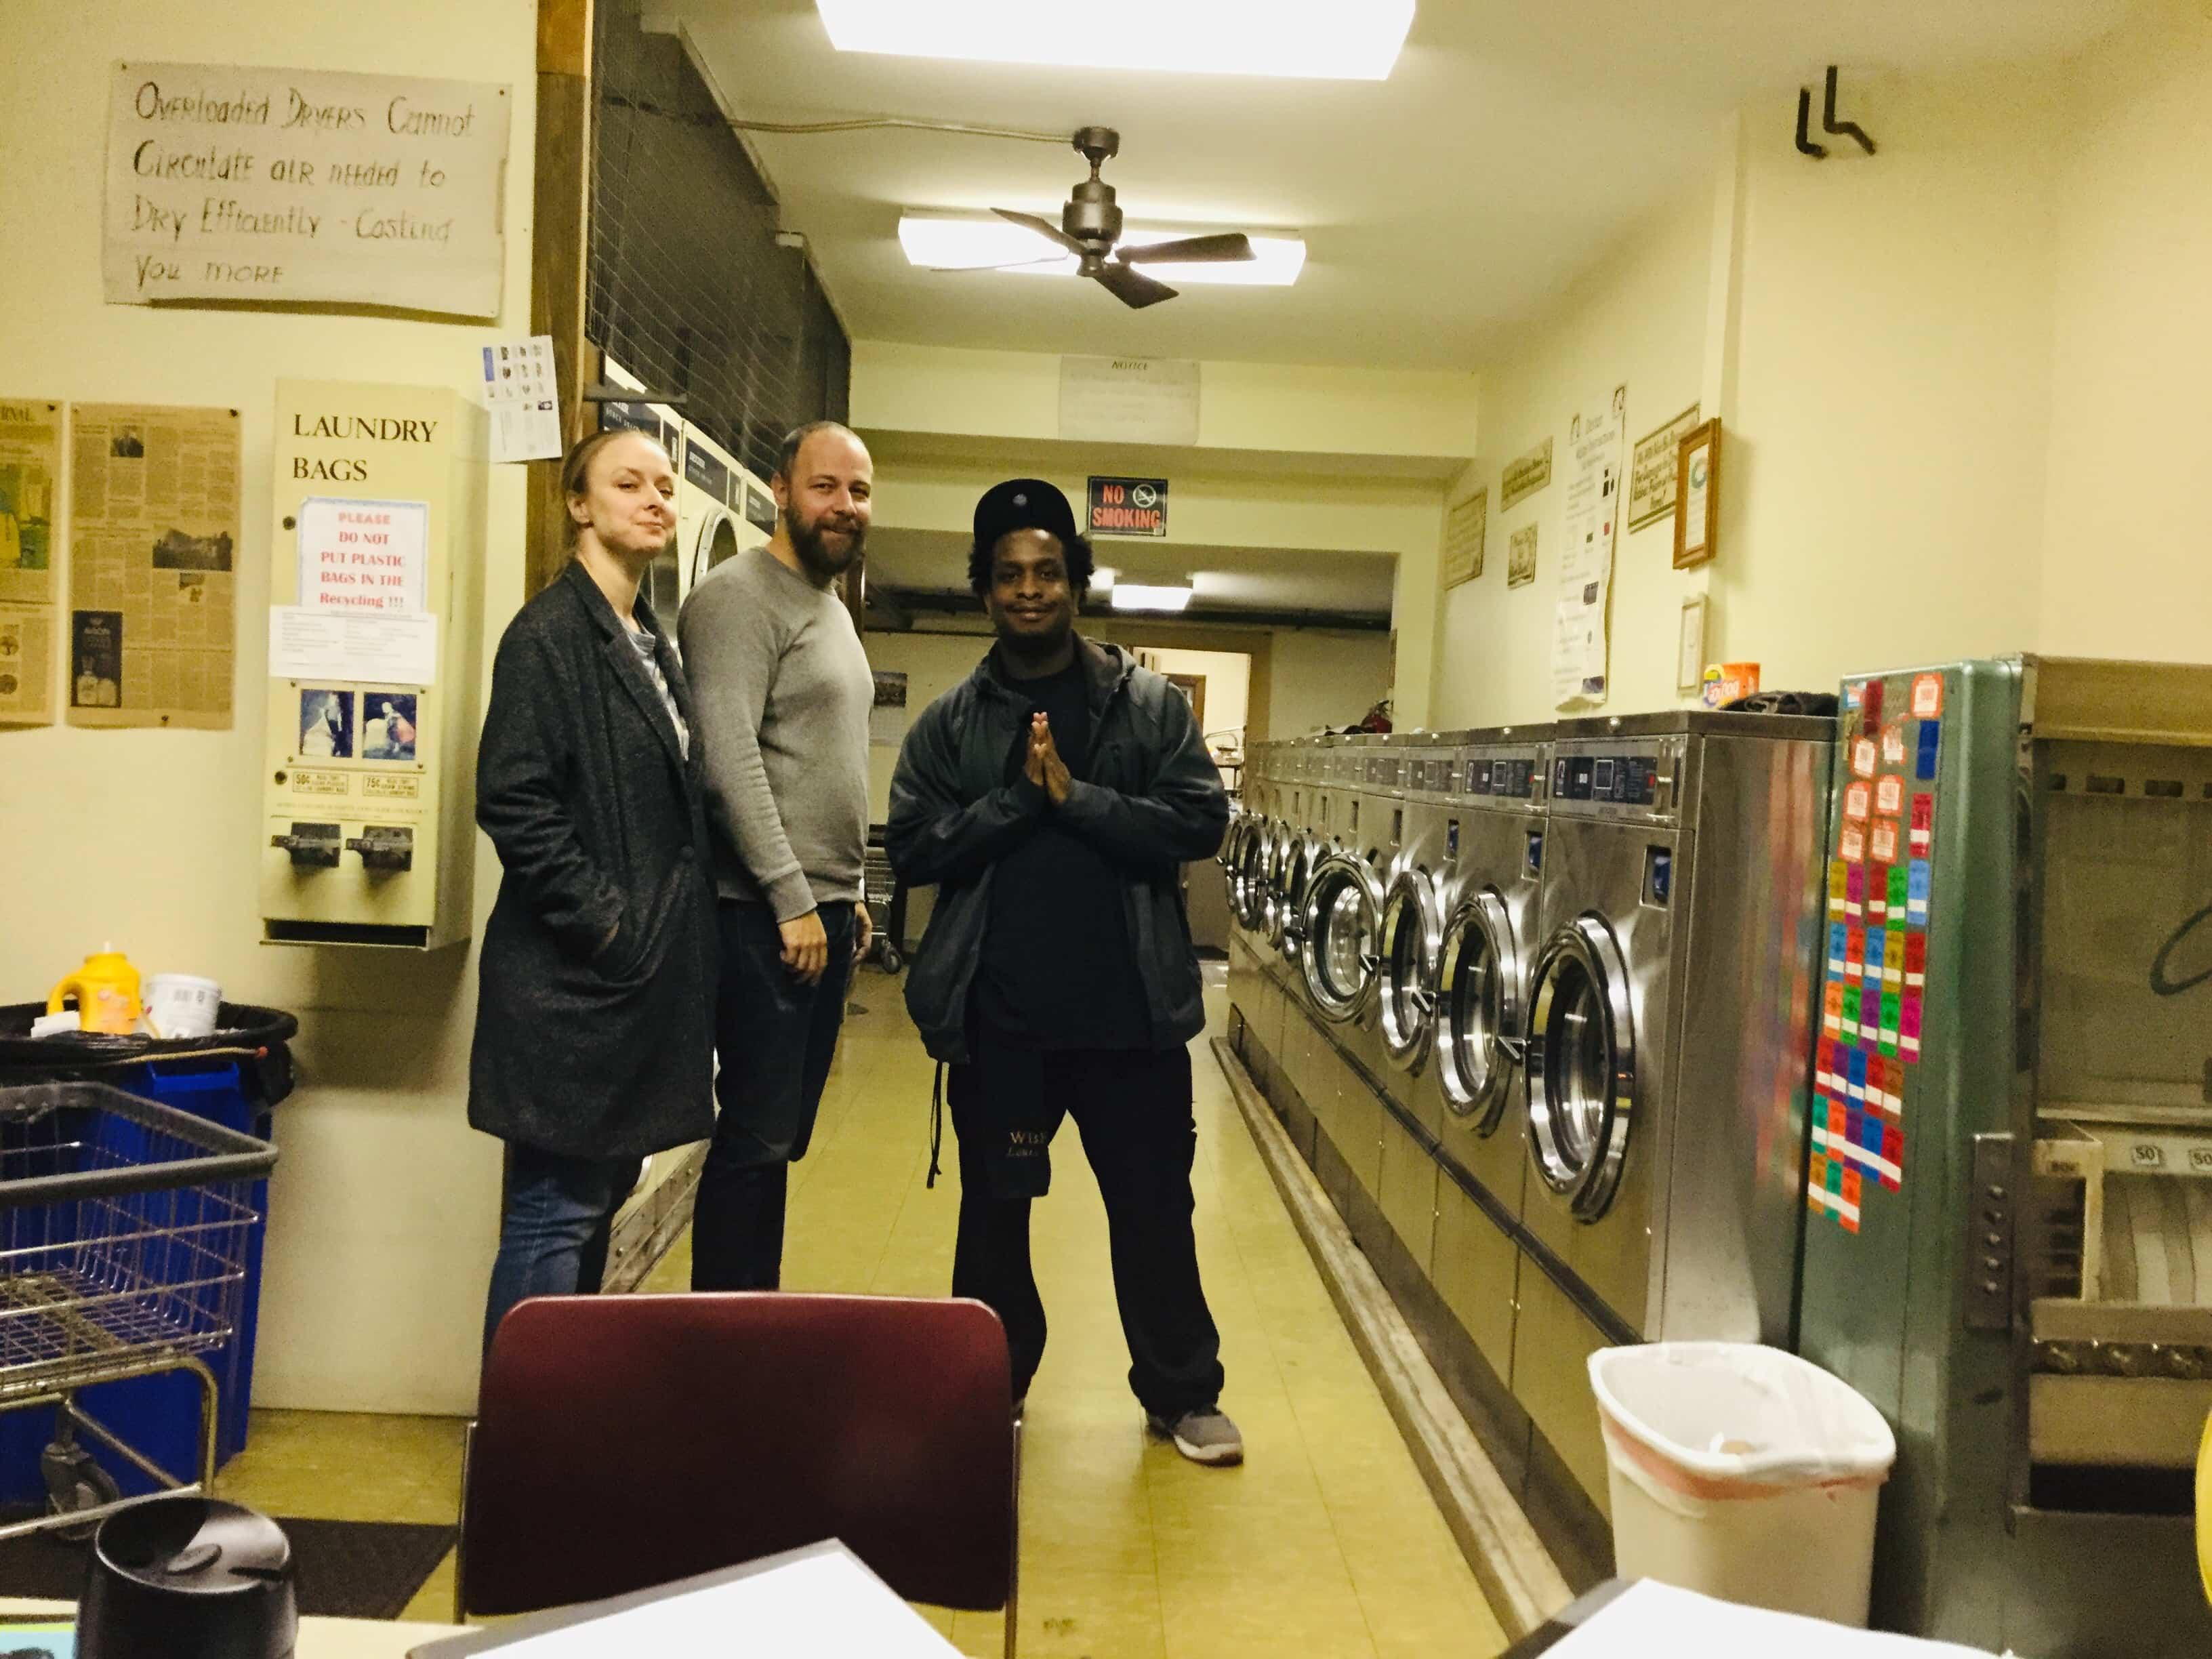 The cast of The Accident Bear: Rachel Manteuffel (Chance), Paul Diem (Bear) and Louis Davis (Buddy). Photo courtesy of Bob Bartlett.